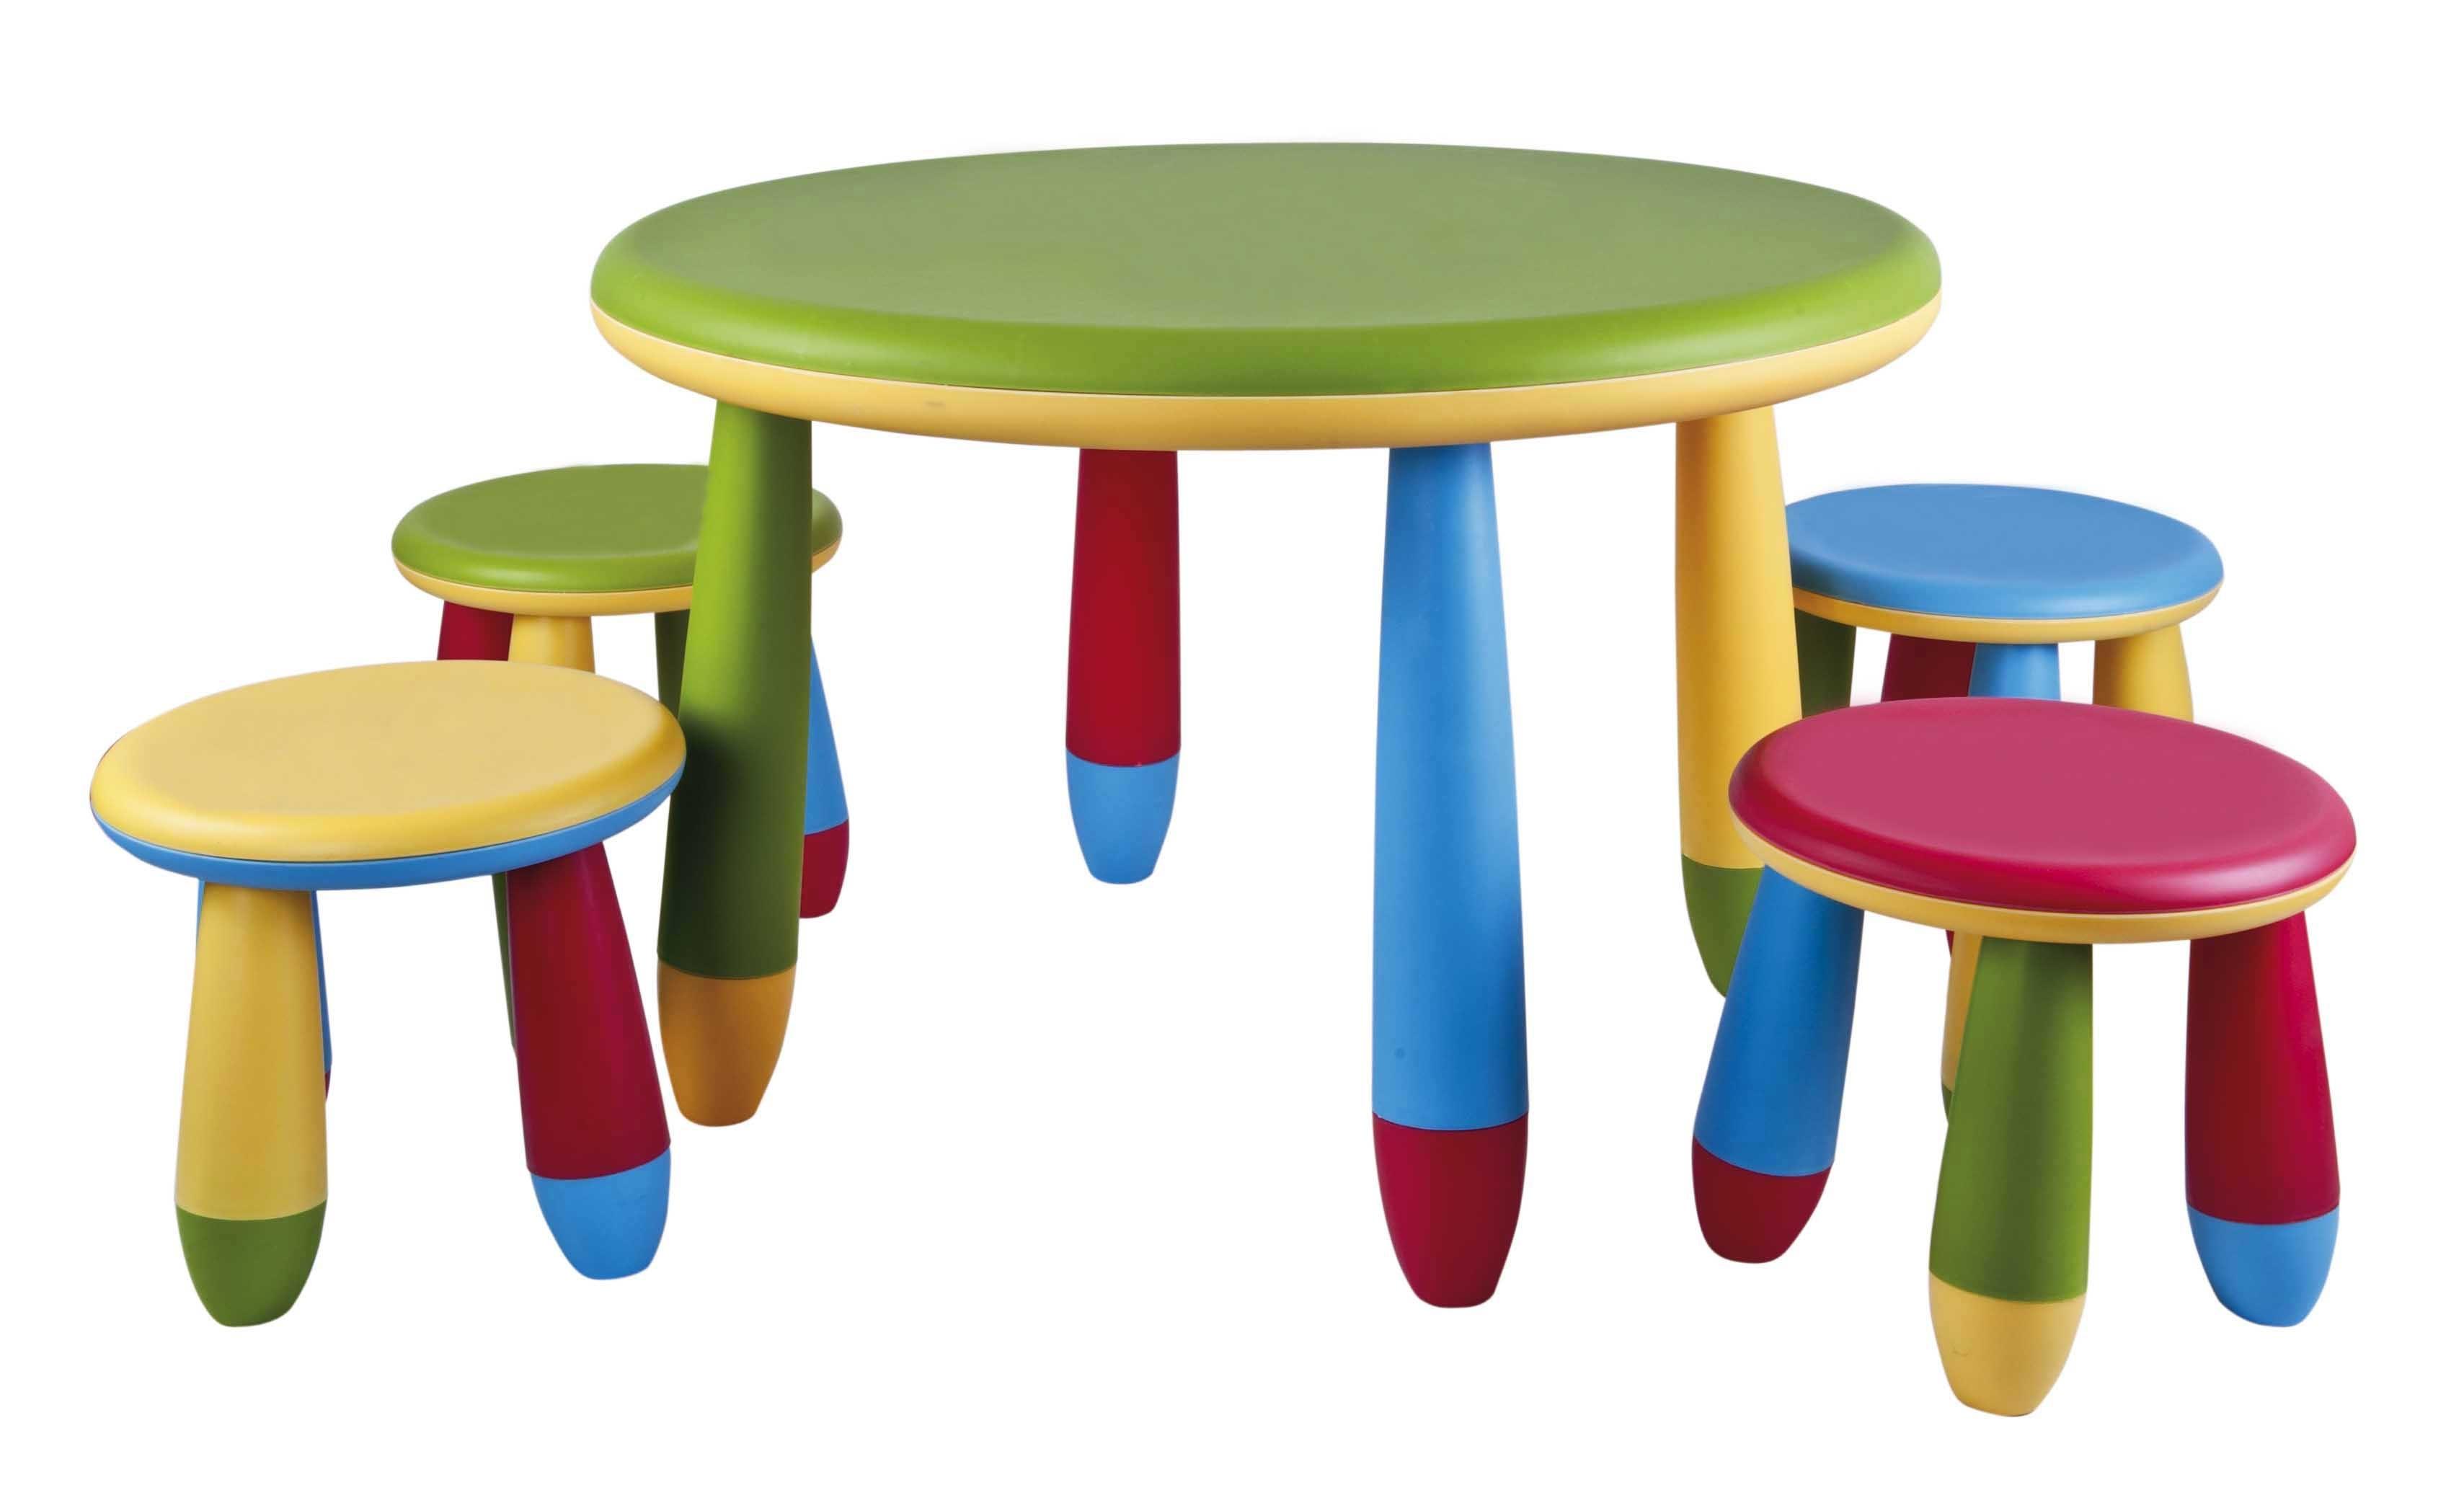 Impresionante silla y mesa para ni os todo - Sillas plasticas baratas ...